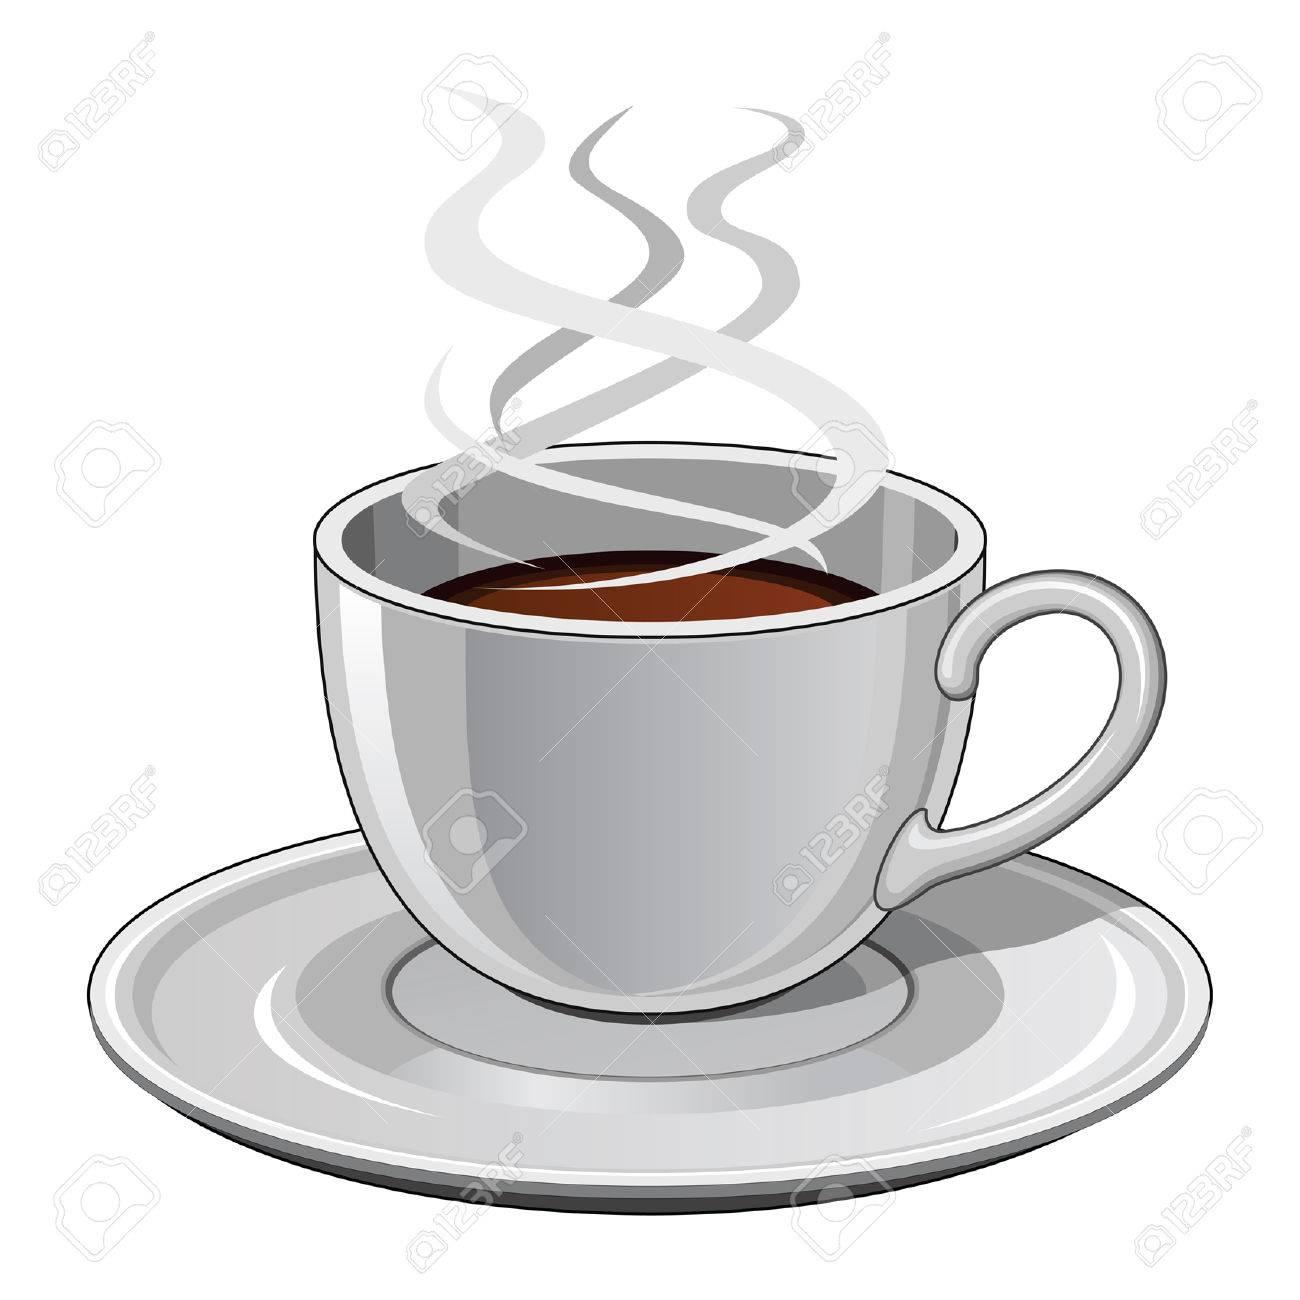 Tasse heißen dampfenden Kaffee | Stock Vektor | Colourbox